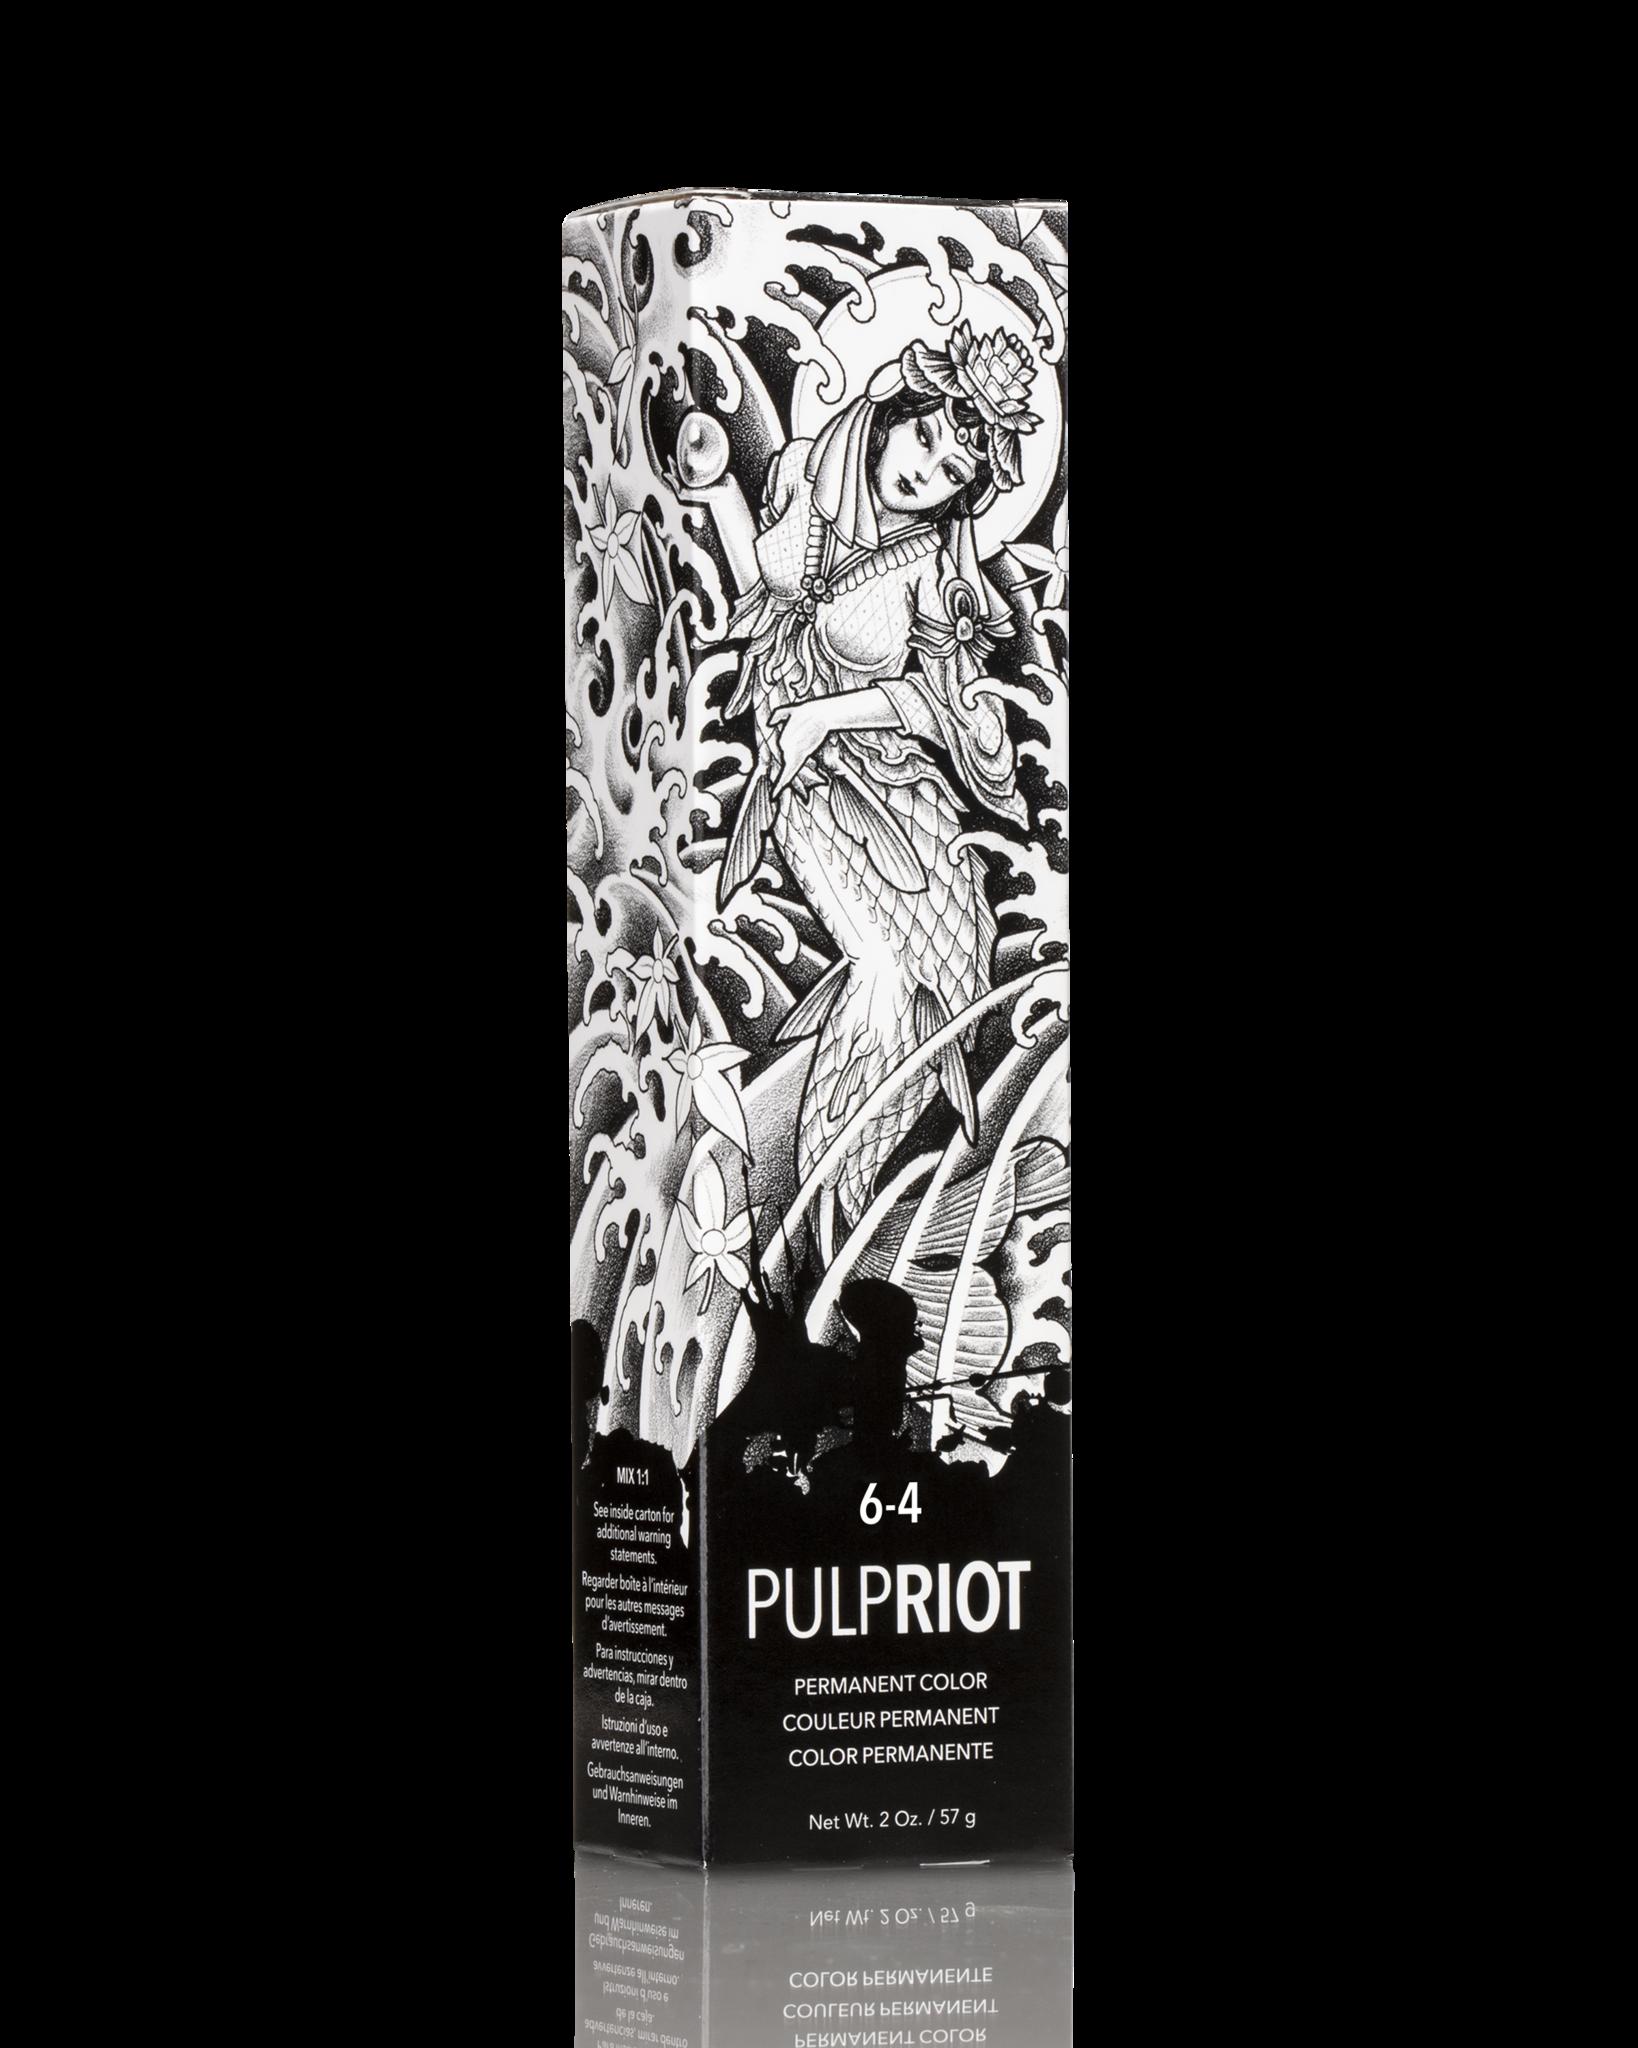 Pulp Riot PULP RIOT FACTION 8 CUIVRÉ/COPPER 6-4